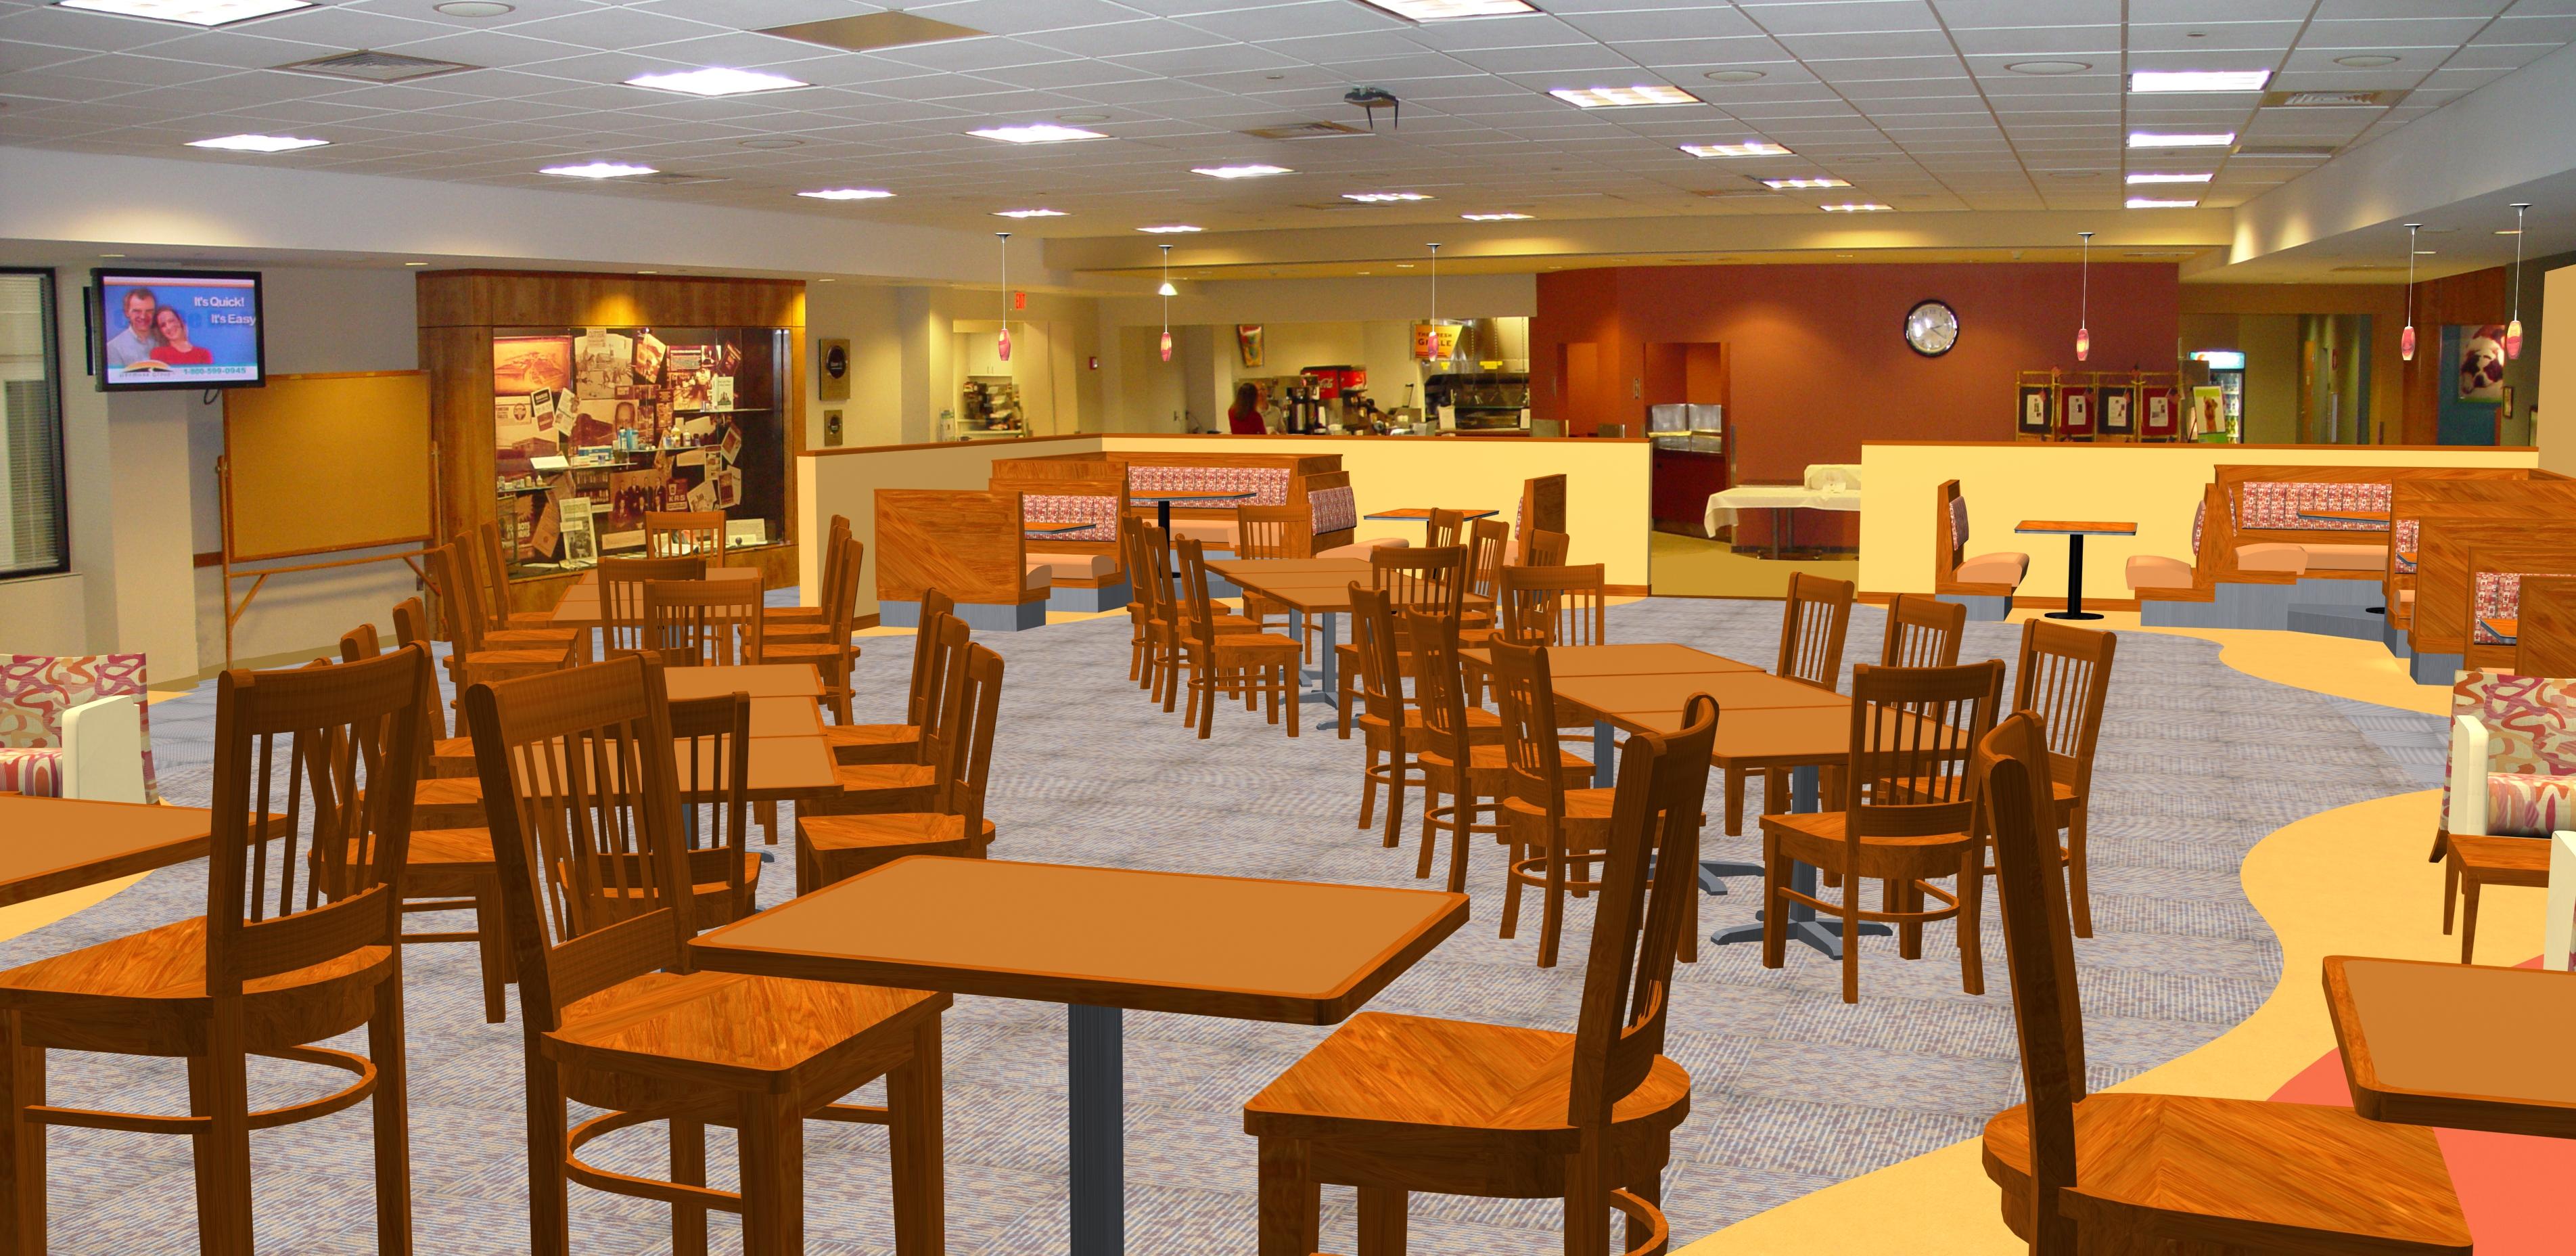 Corporate Dining Area